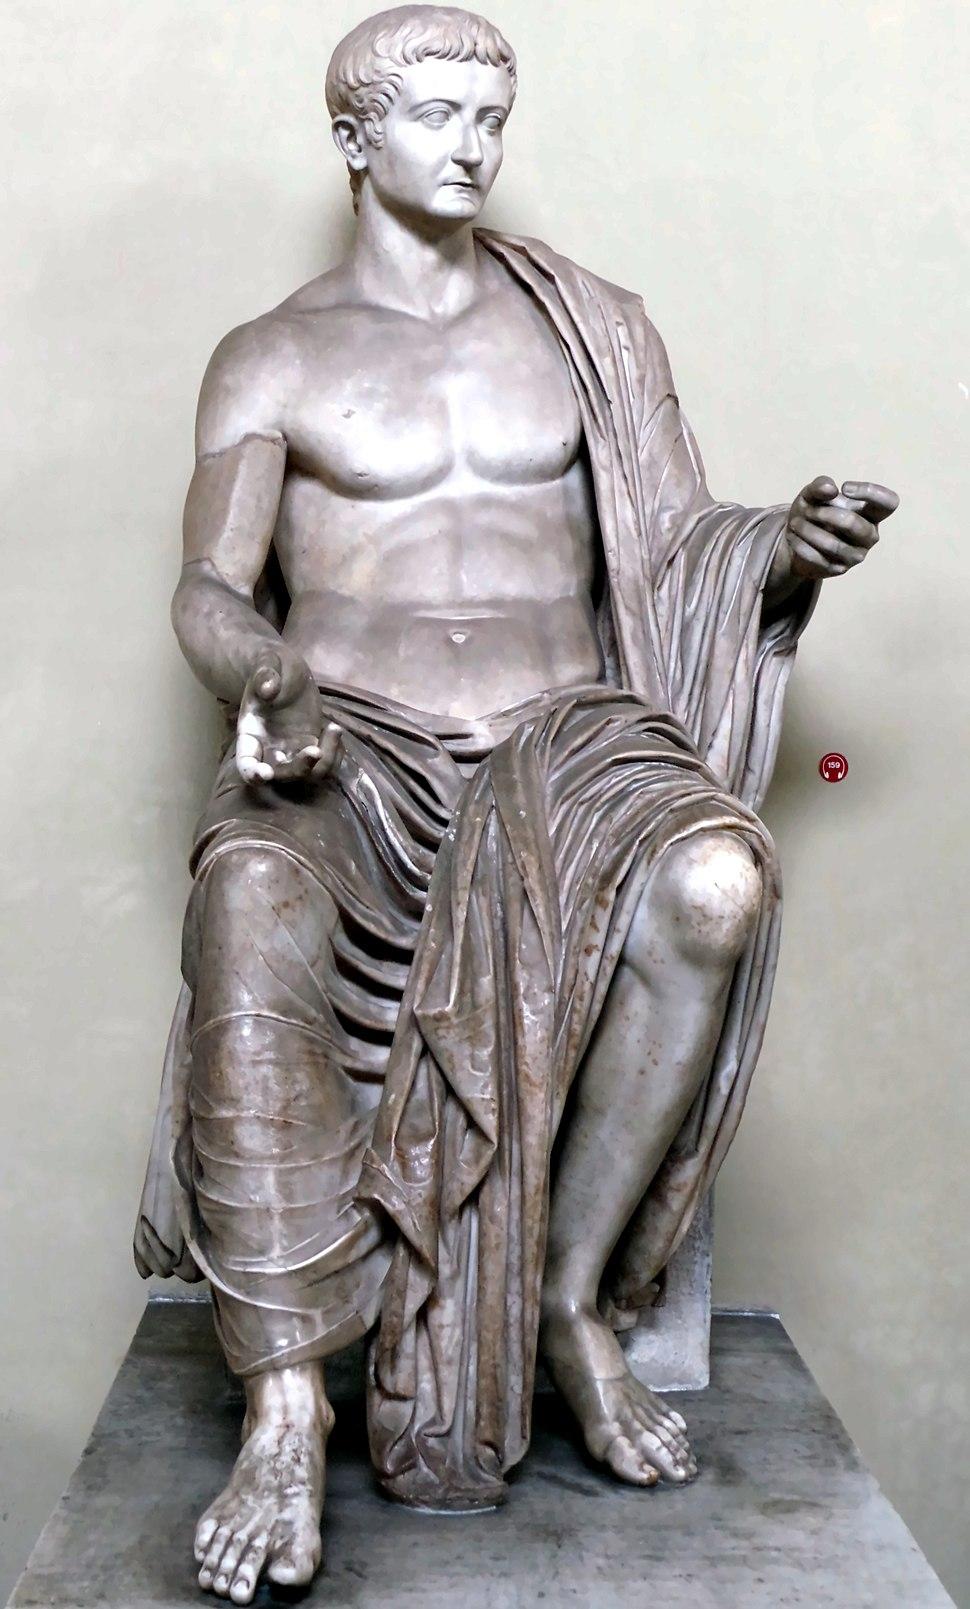 Tiberius (Vatikanische Museen)